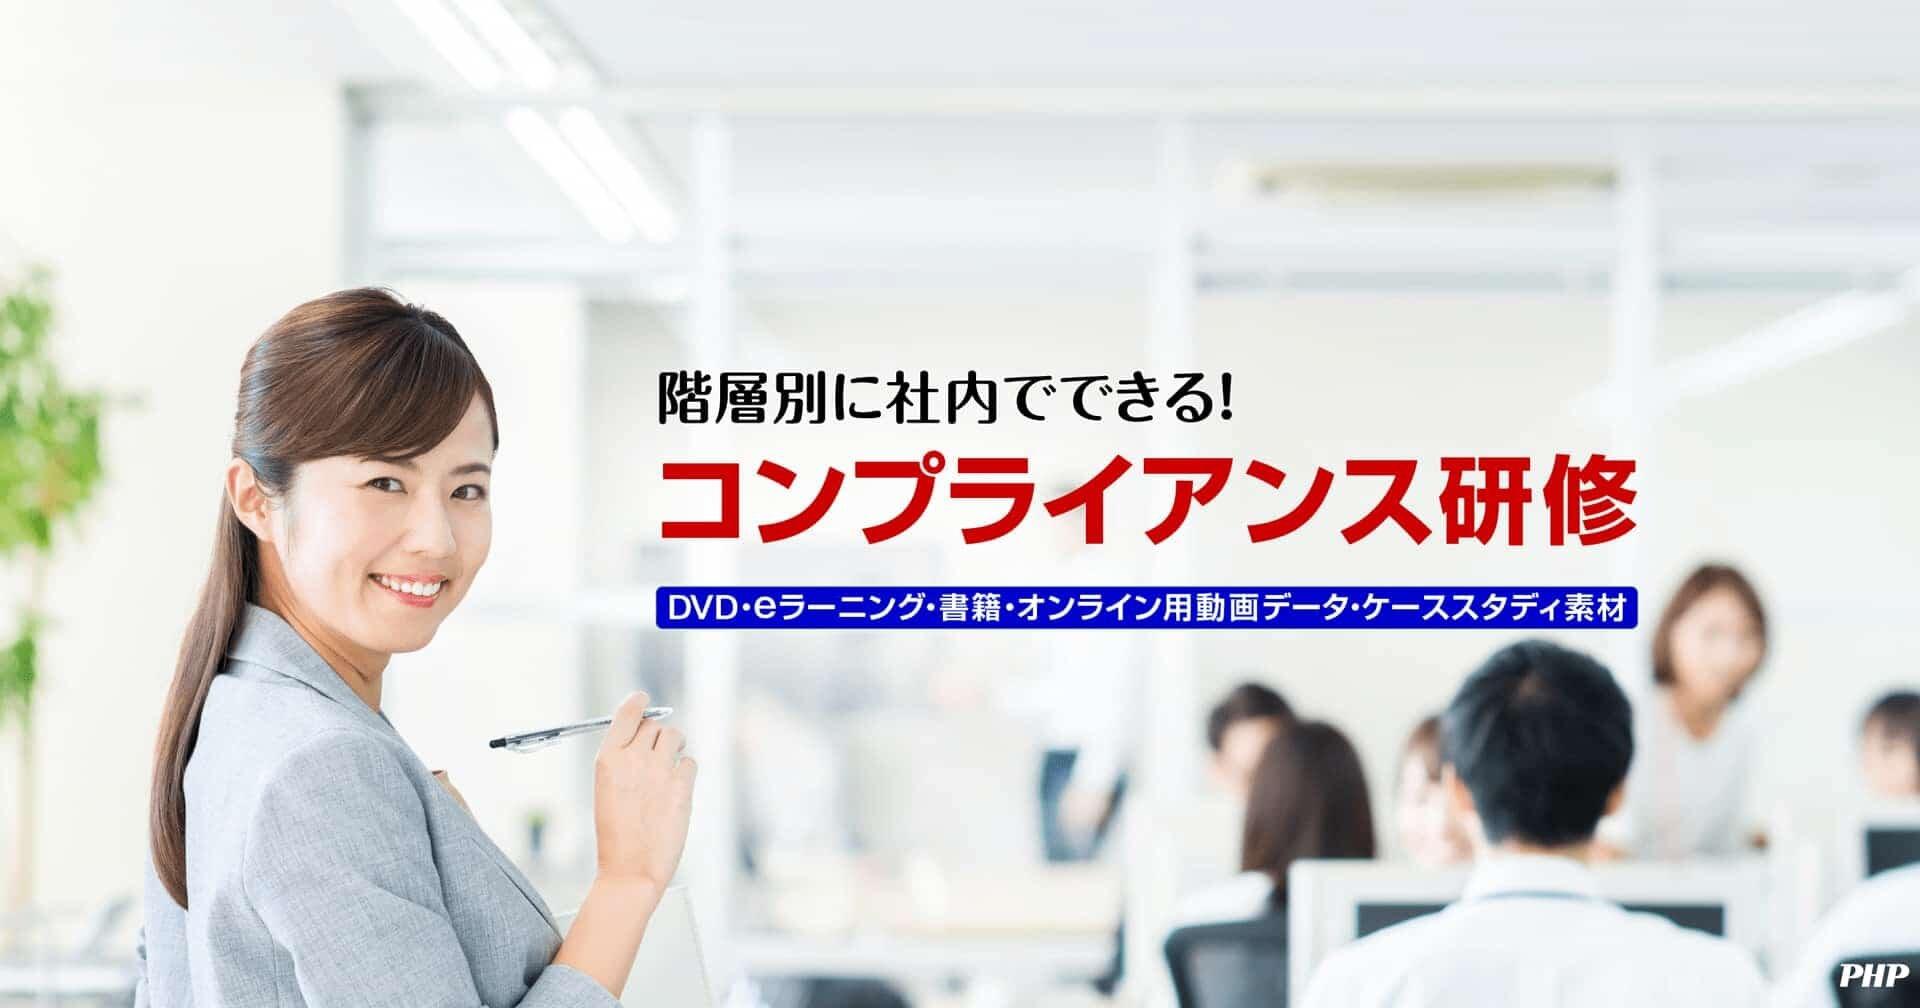 コンプライアンス研修教材~階層別に社内で教育できる!